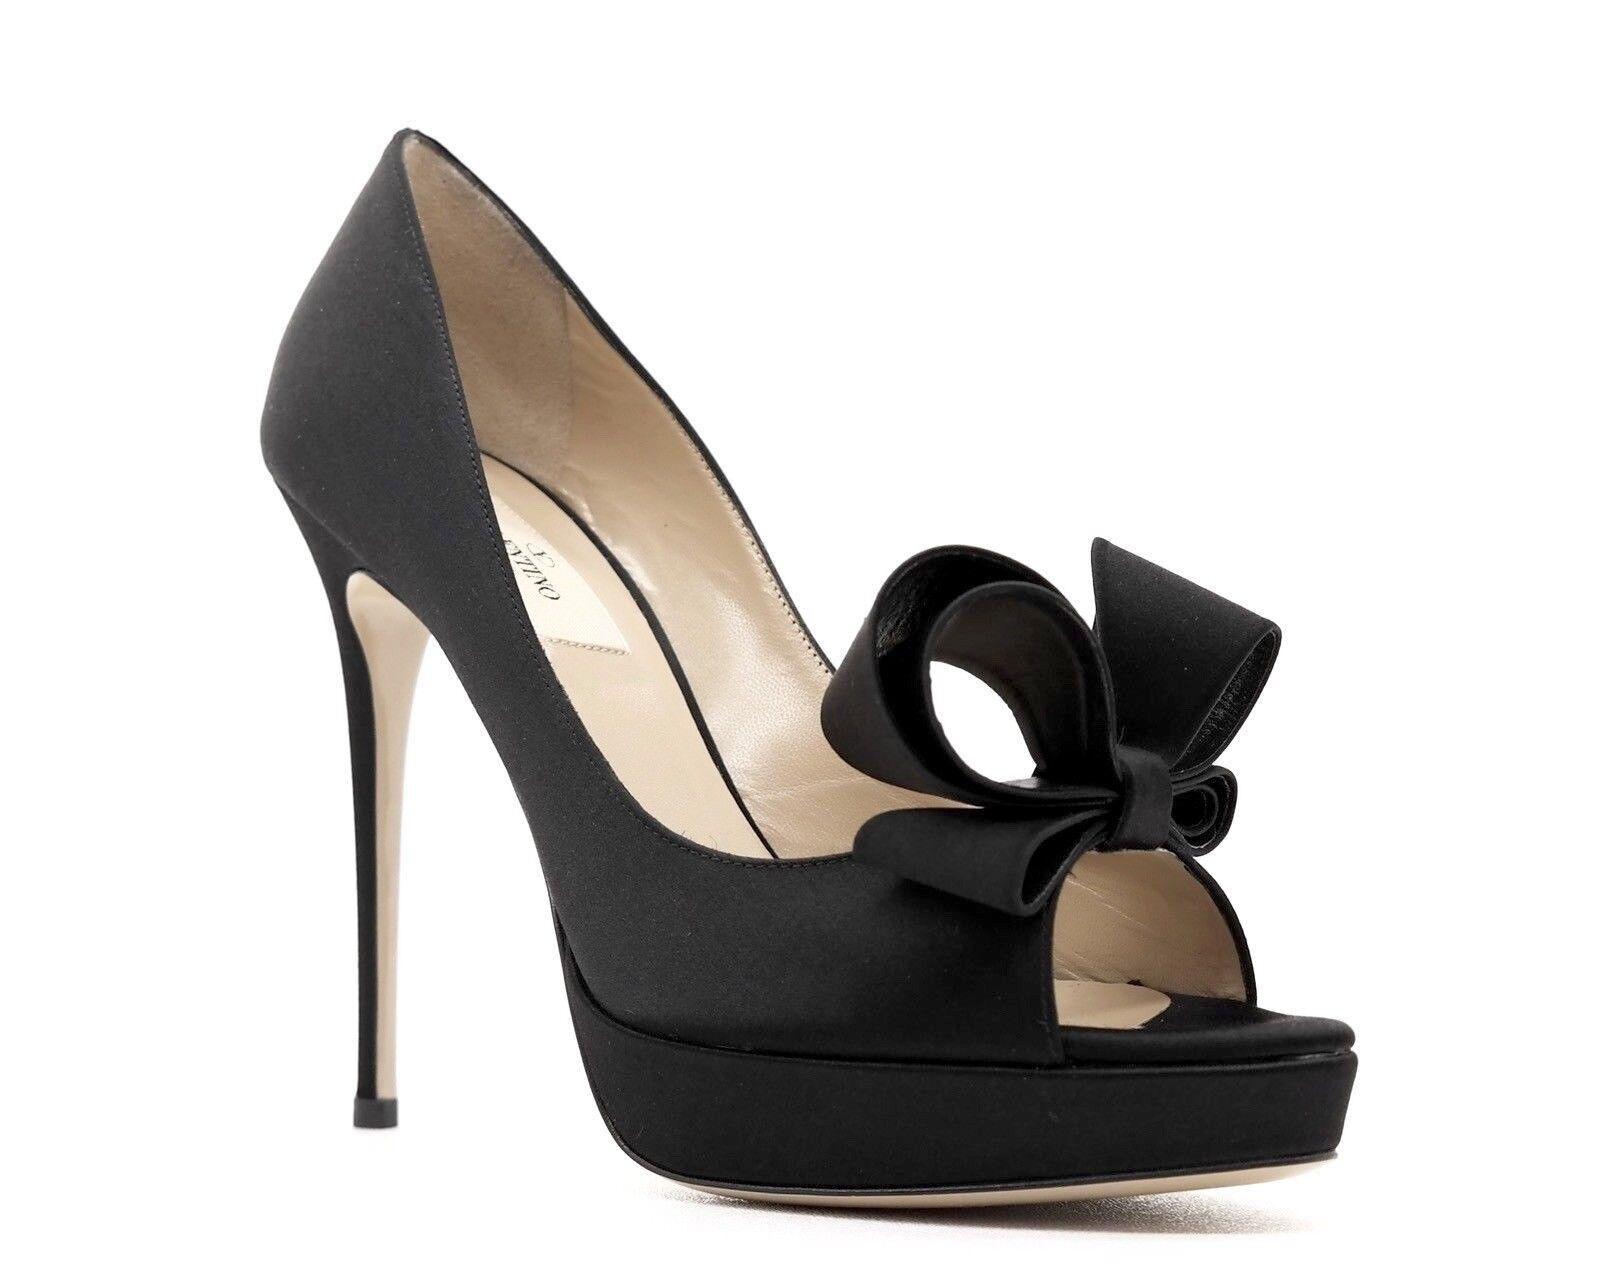 Valentino Garavani Pumps Couture Bow Black Satin Size 9.5 39.5 New